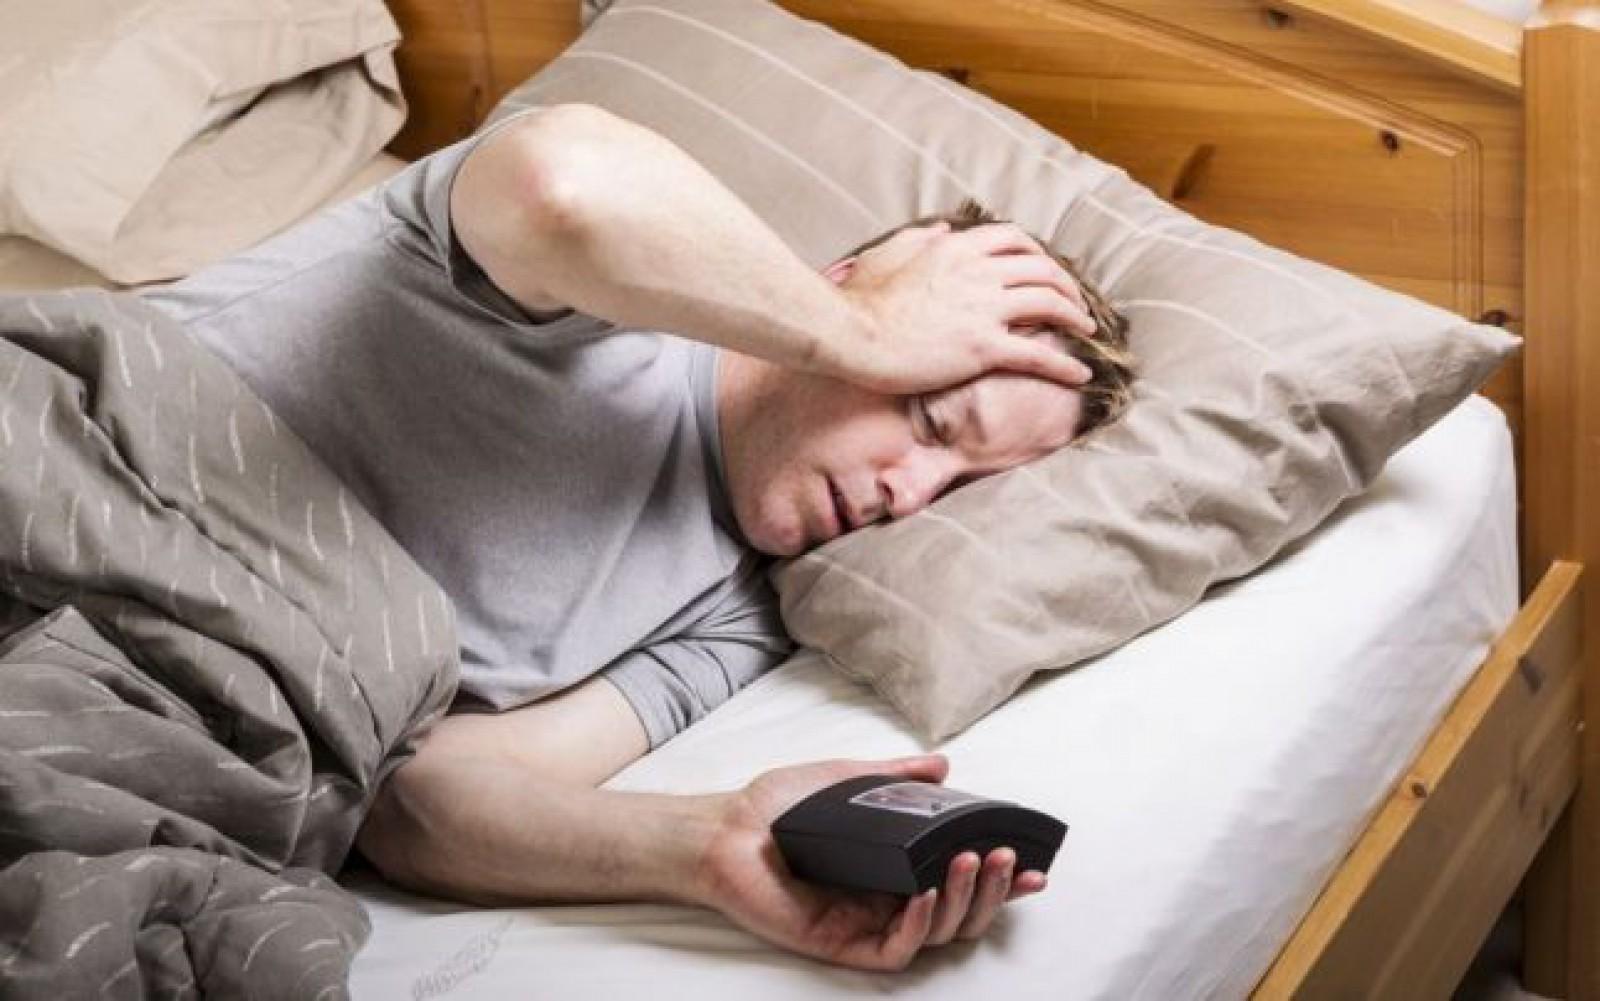 Topul alimentelor care perturbă somnul şi duc la agitaţie pe timpul nopţii